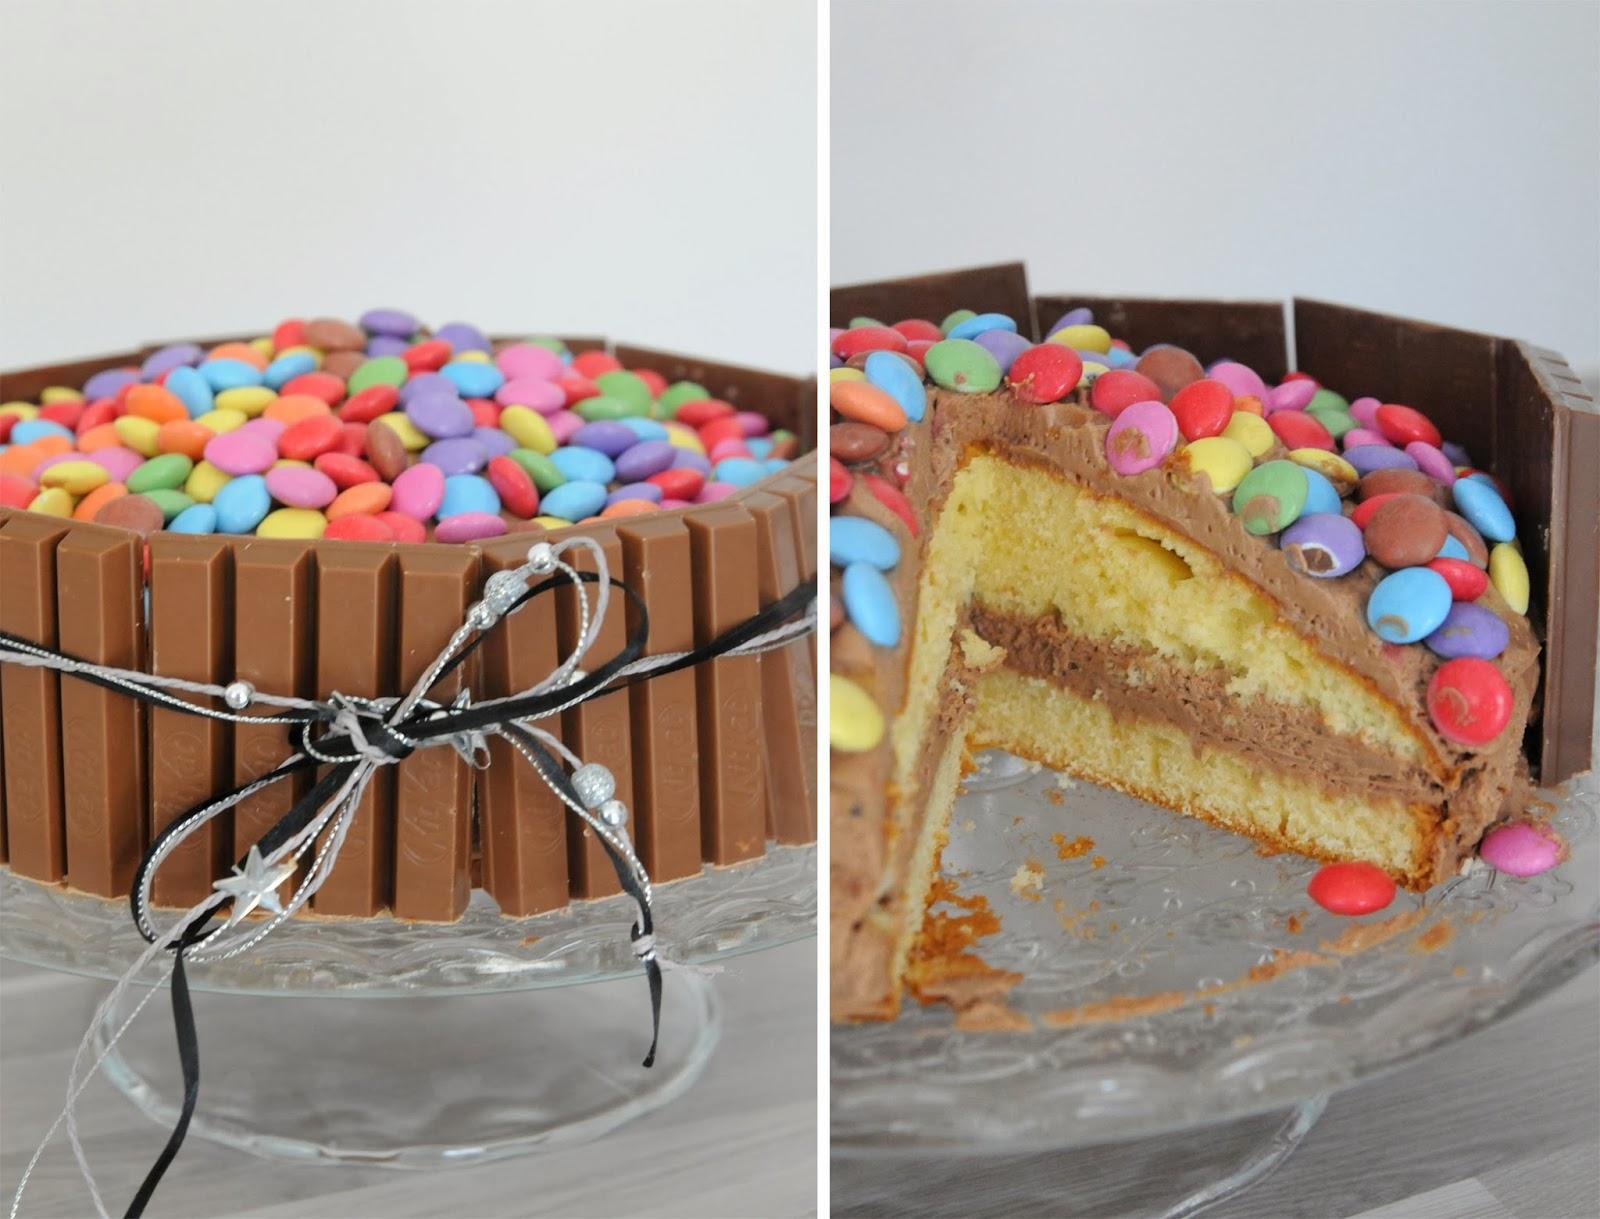 Bien connu 13 desserts, chacun: Gâteau Kit Kat et Smarties pour un anniversaire!! YF11